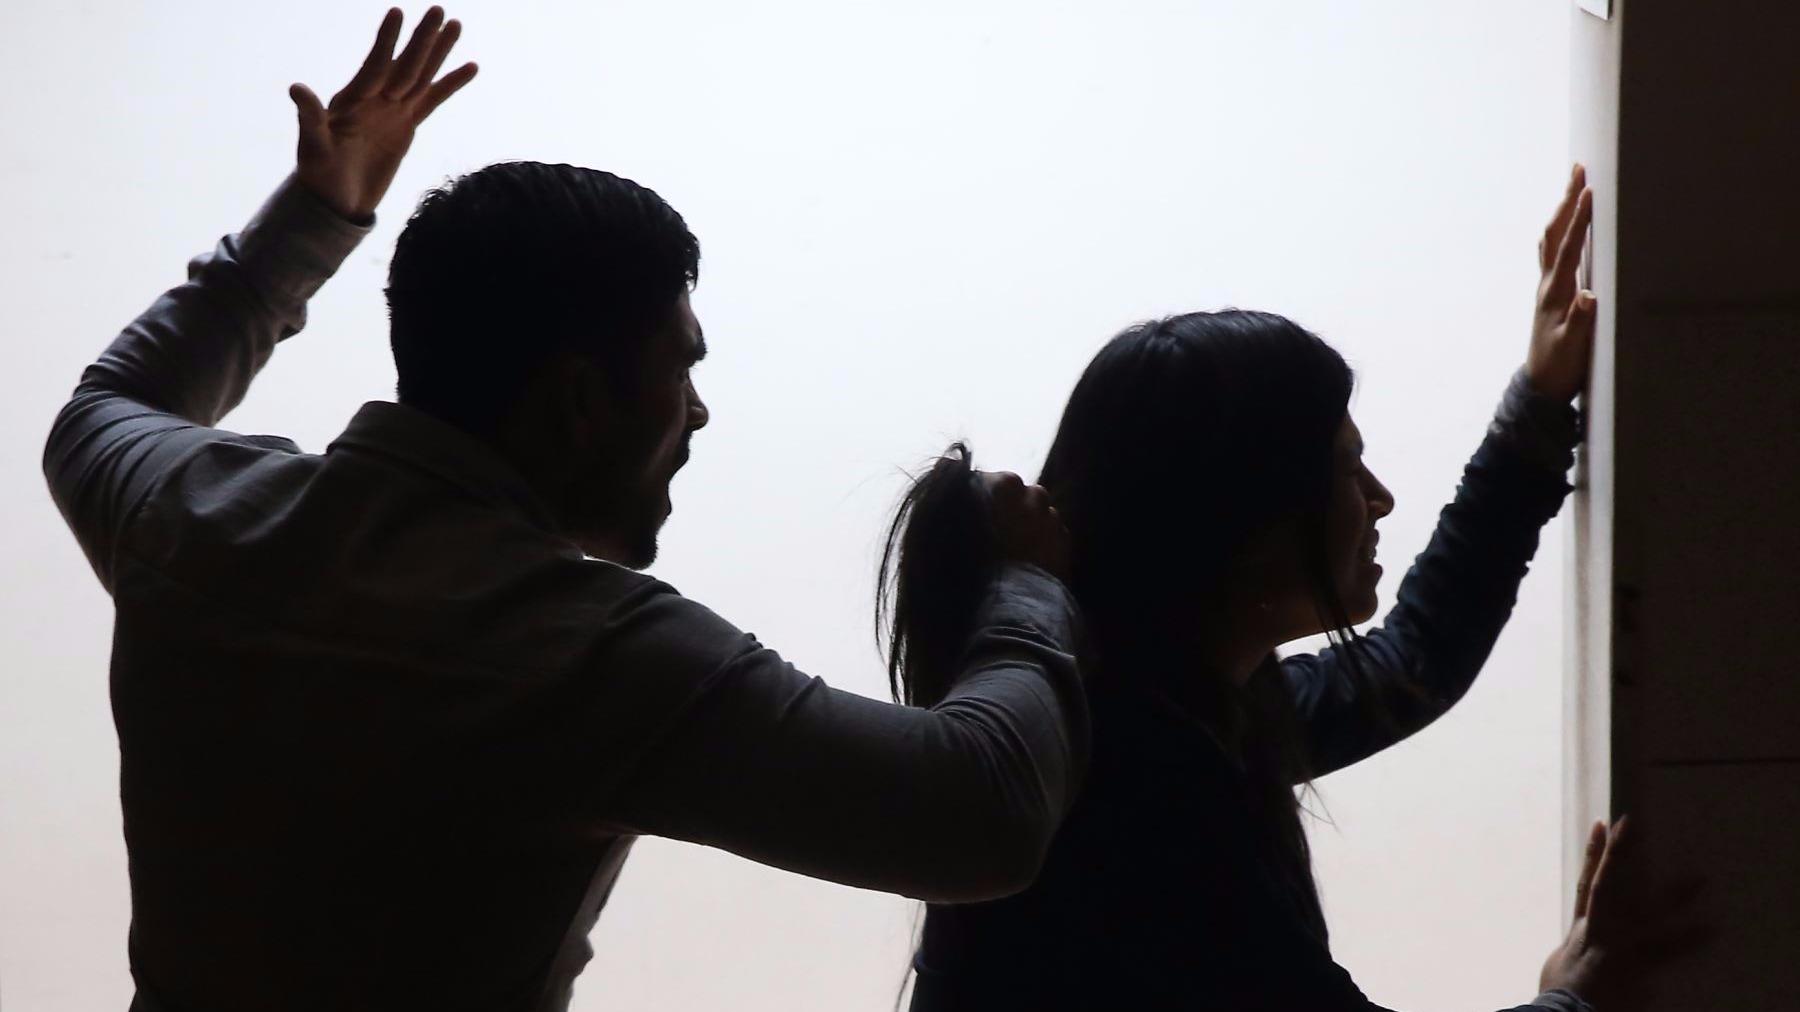 La Organización Mundial de la Salud (OMS) señala que no existe una sola causa que explique la violencia.